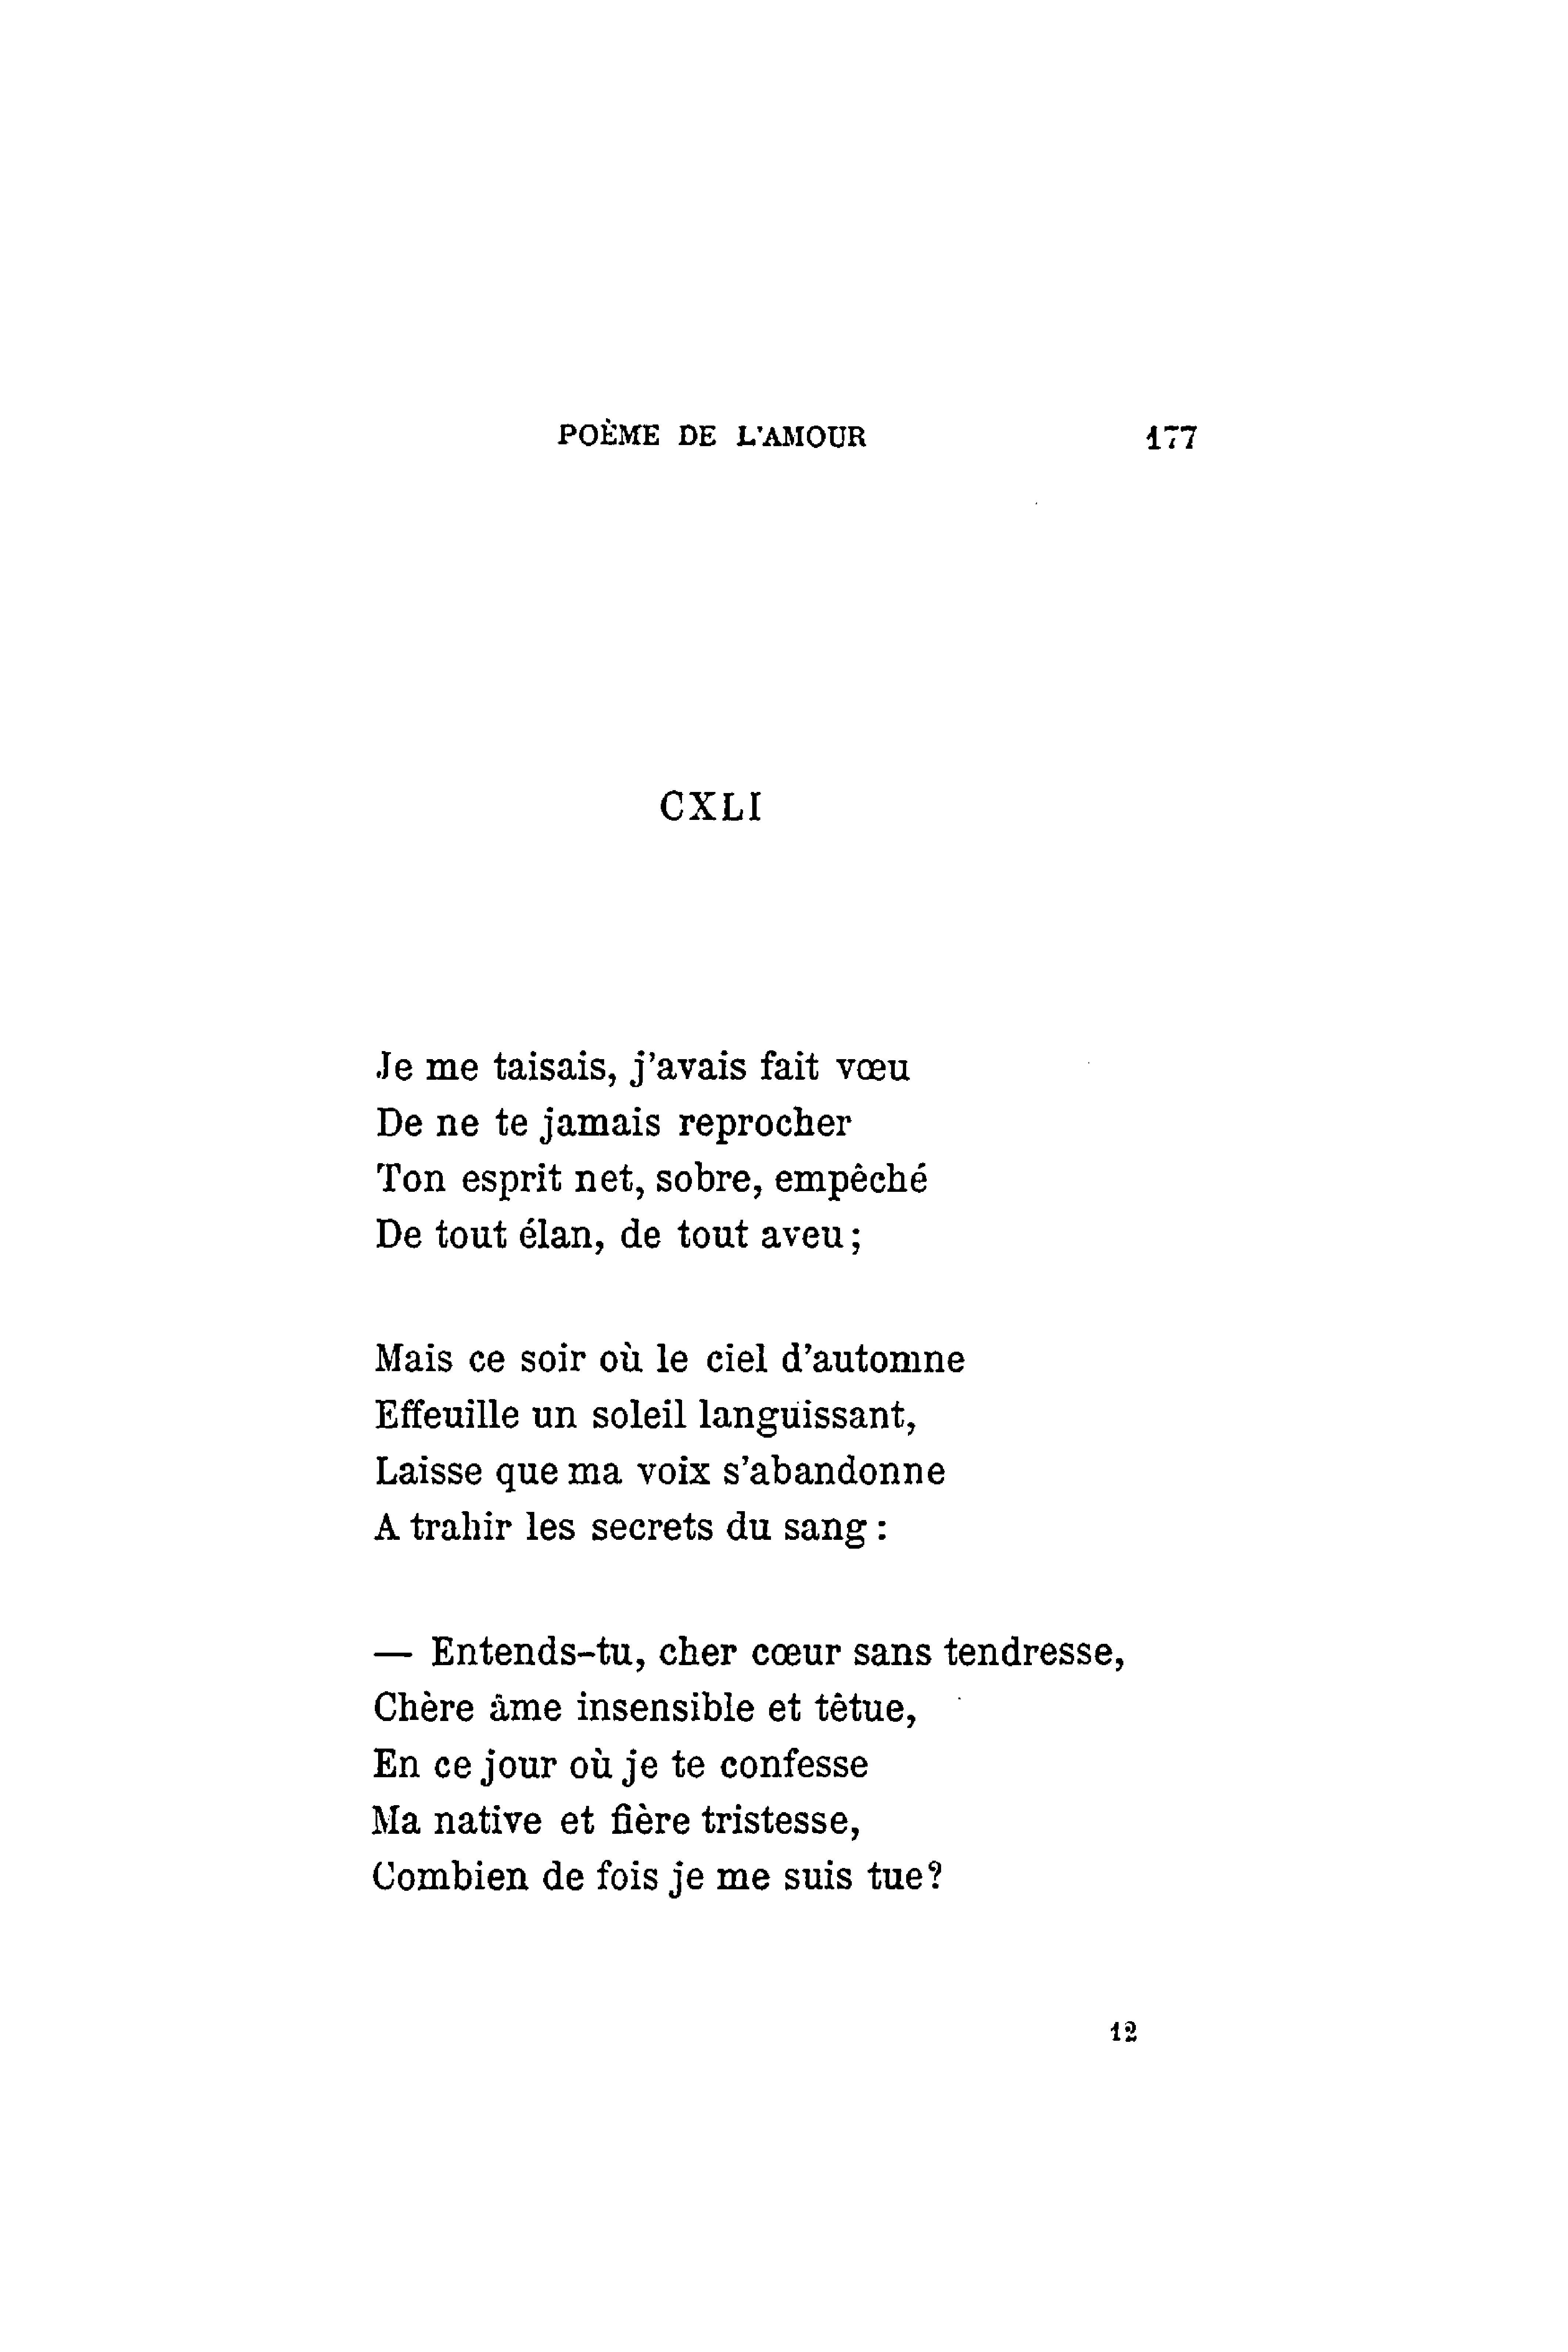 Pagenoailles Poème De Lamour 1924djvu175 Wikisource